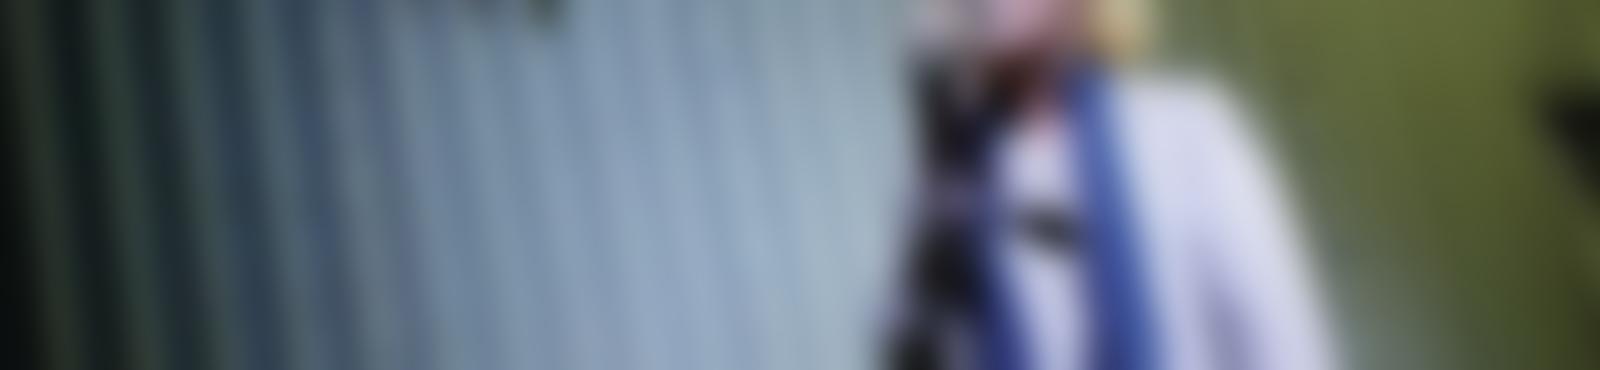 Blurred 3b99af0e 5e24 4a33 af94 94bcf930108a